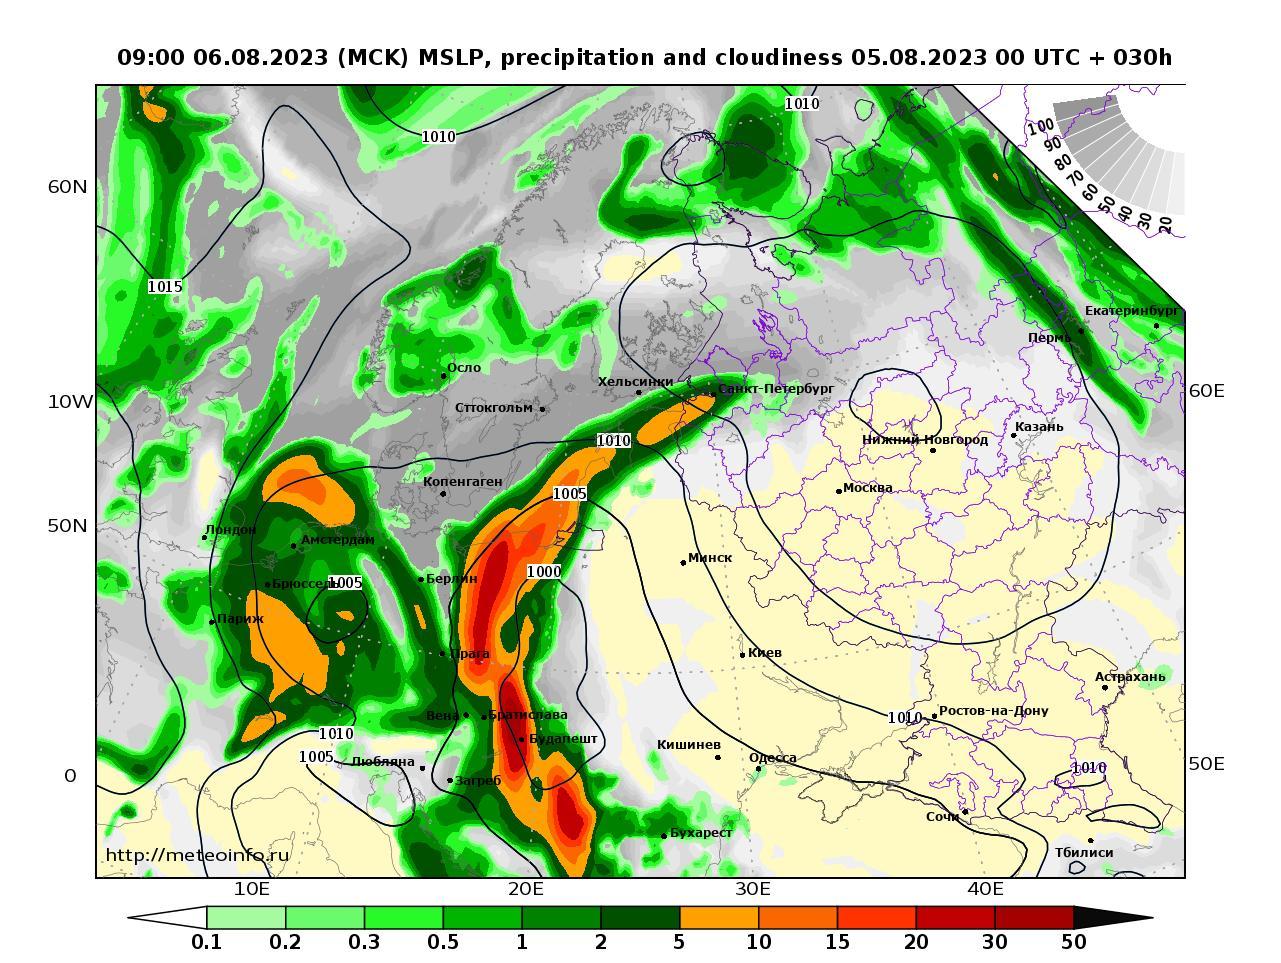 Европейская территория России, прогностическая карта осадки и давление, заблаговременность прогноза 30 часов